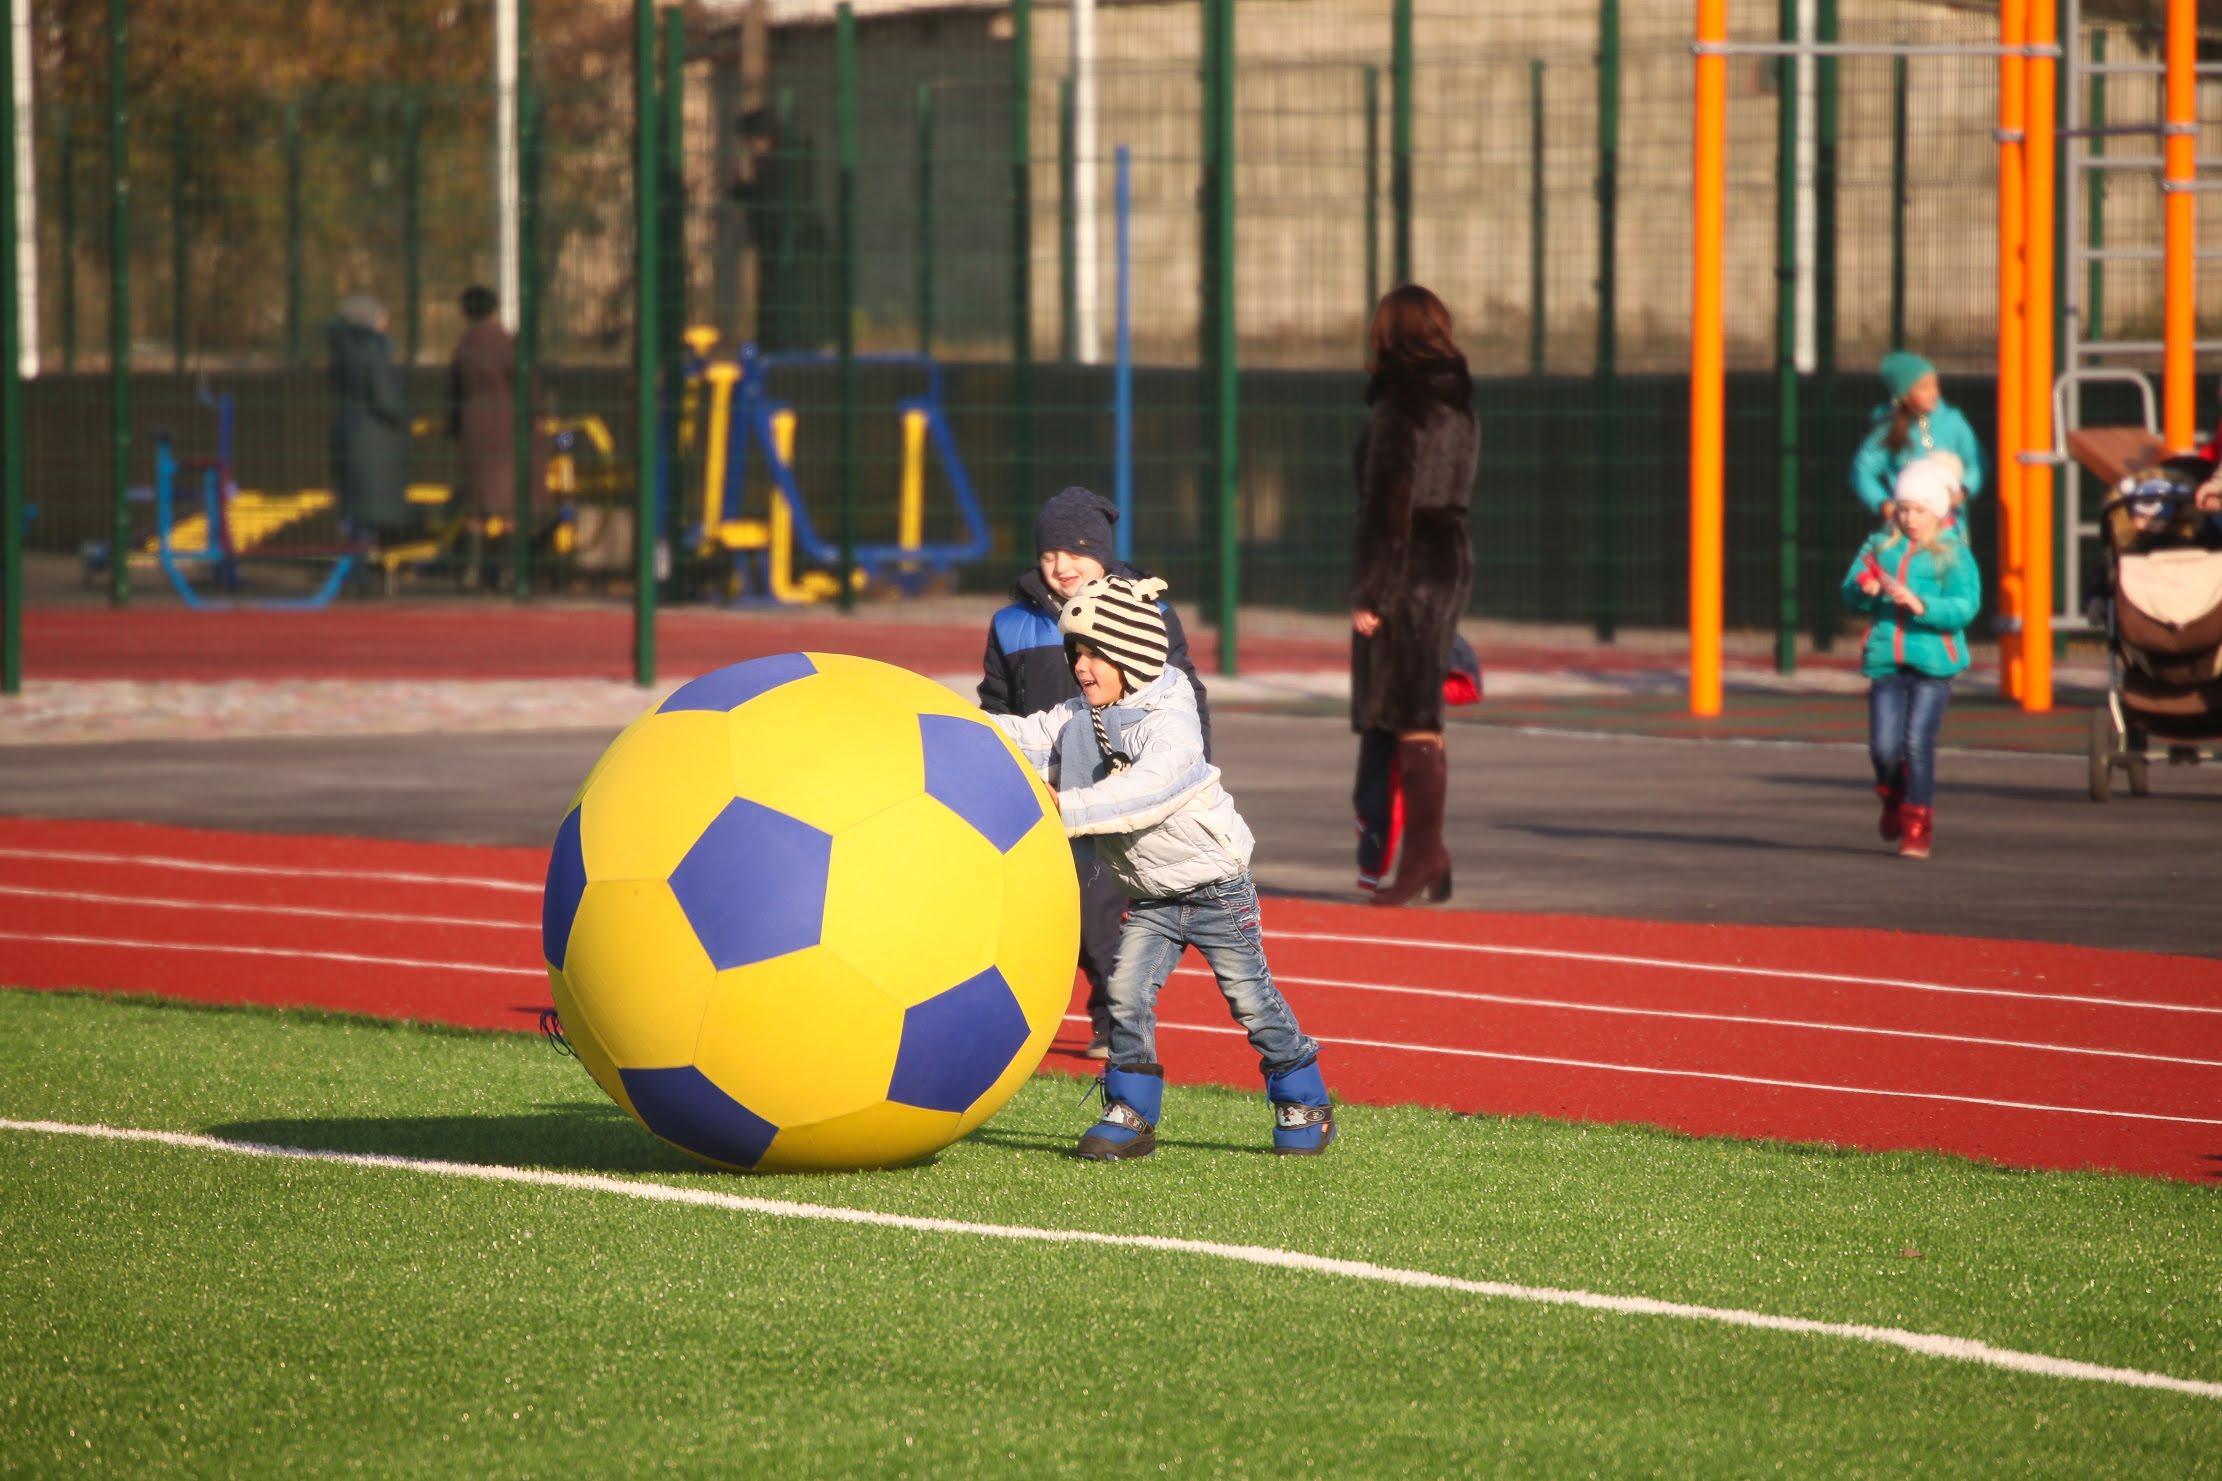 Масштабну програму з облаштування сучасних стадіонів втілюють Дніпропетровська ОДА та Федерація футболу України.